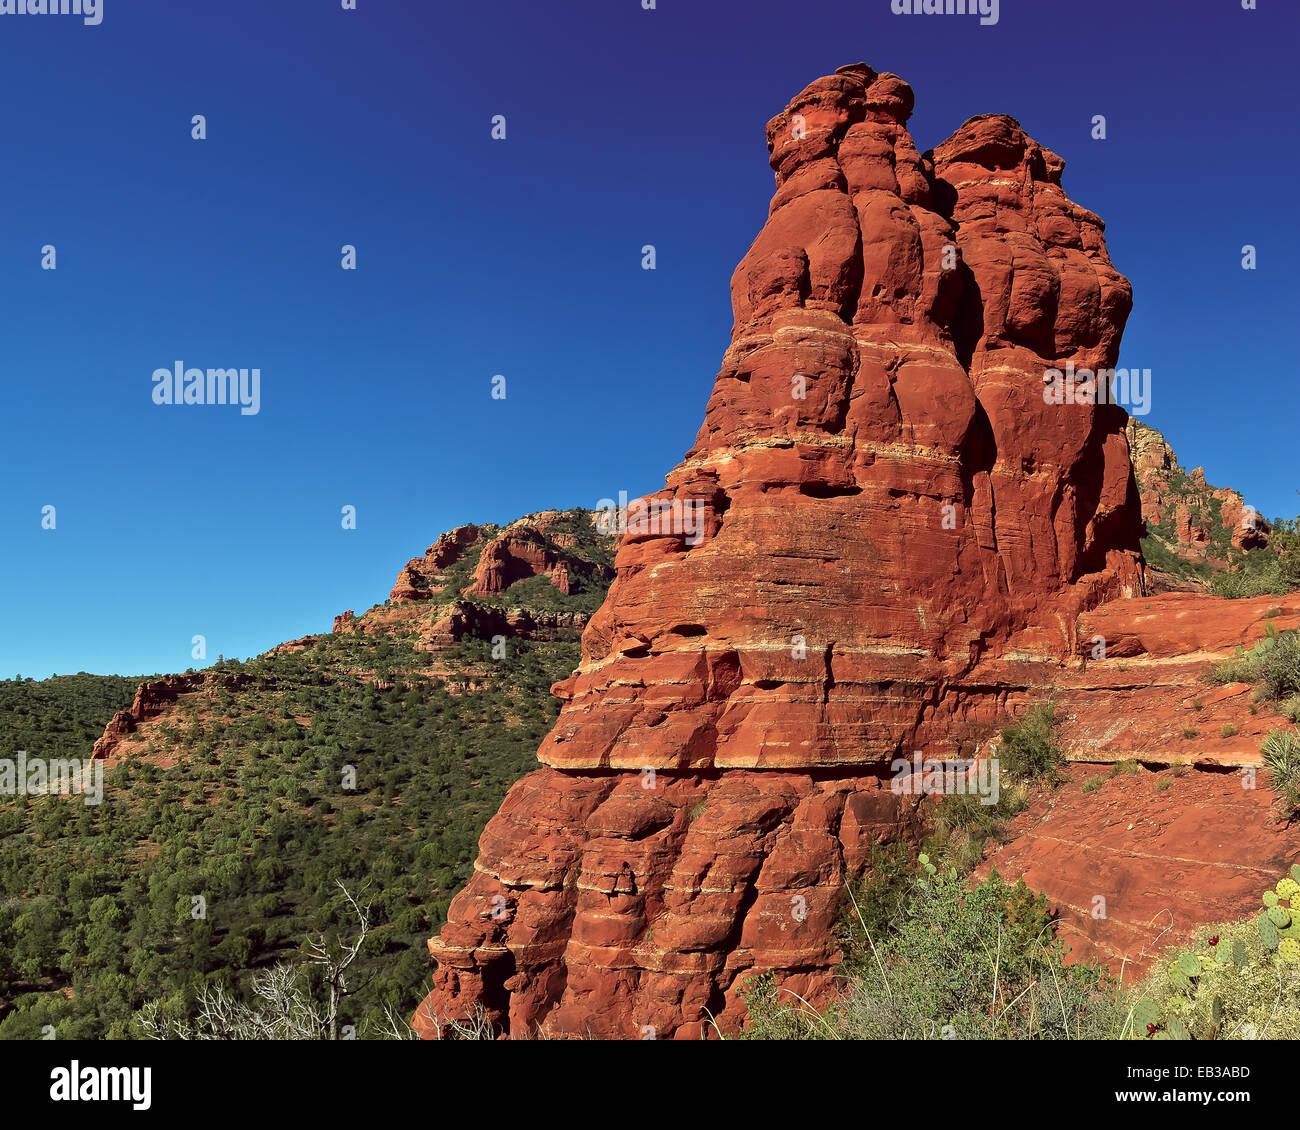 USA, Arizona, Yavapai County, Sedona, Fay Canyon, View of Fay Rock - Stock Image